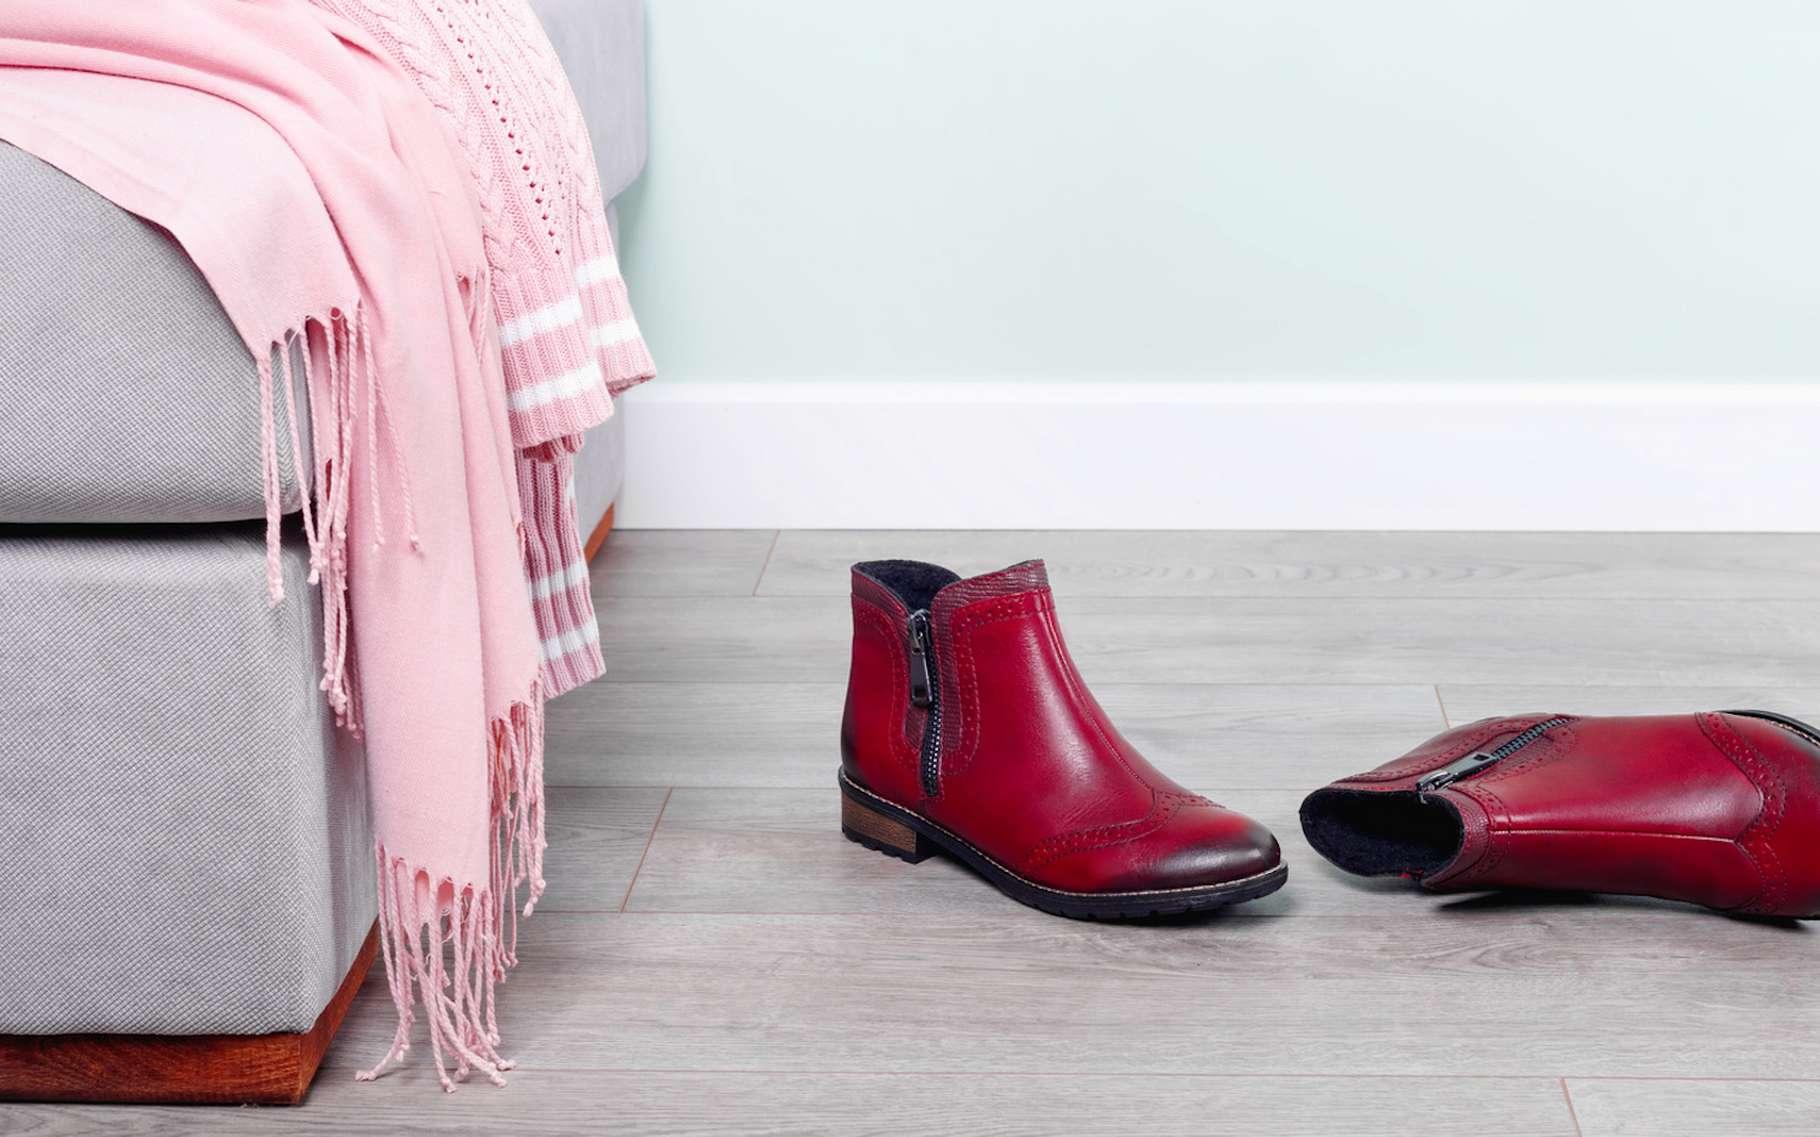 Des millions de bactéries profitent de nos chaussures pour pénétrer nos maisons. Mais dans la plupart des cas, celles-ci ne doivent pas nous inquiéter outre mesure. © Loraliu, Fotolia